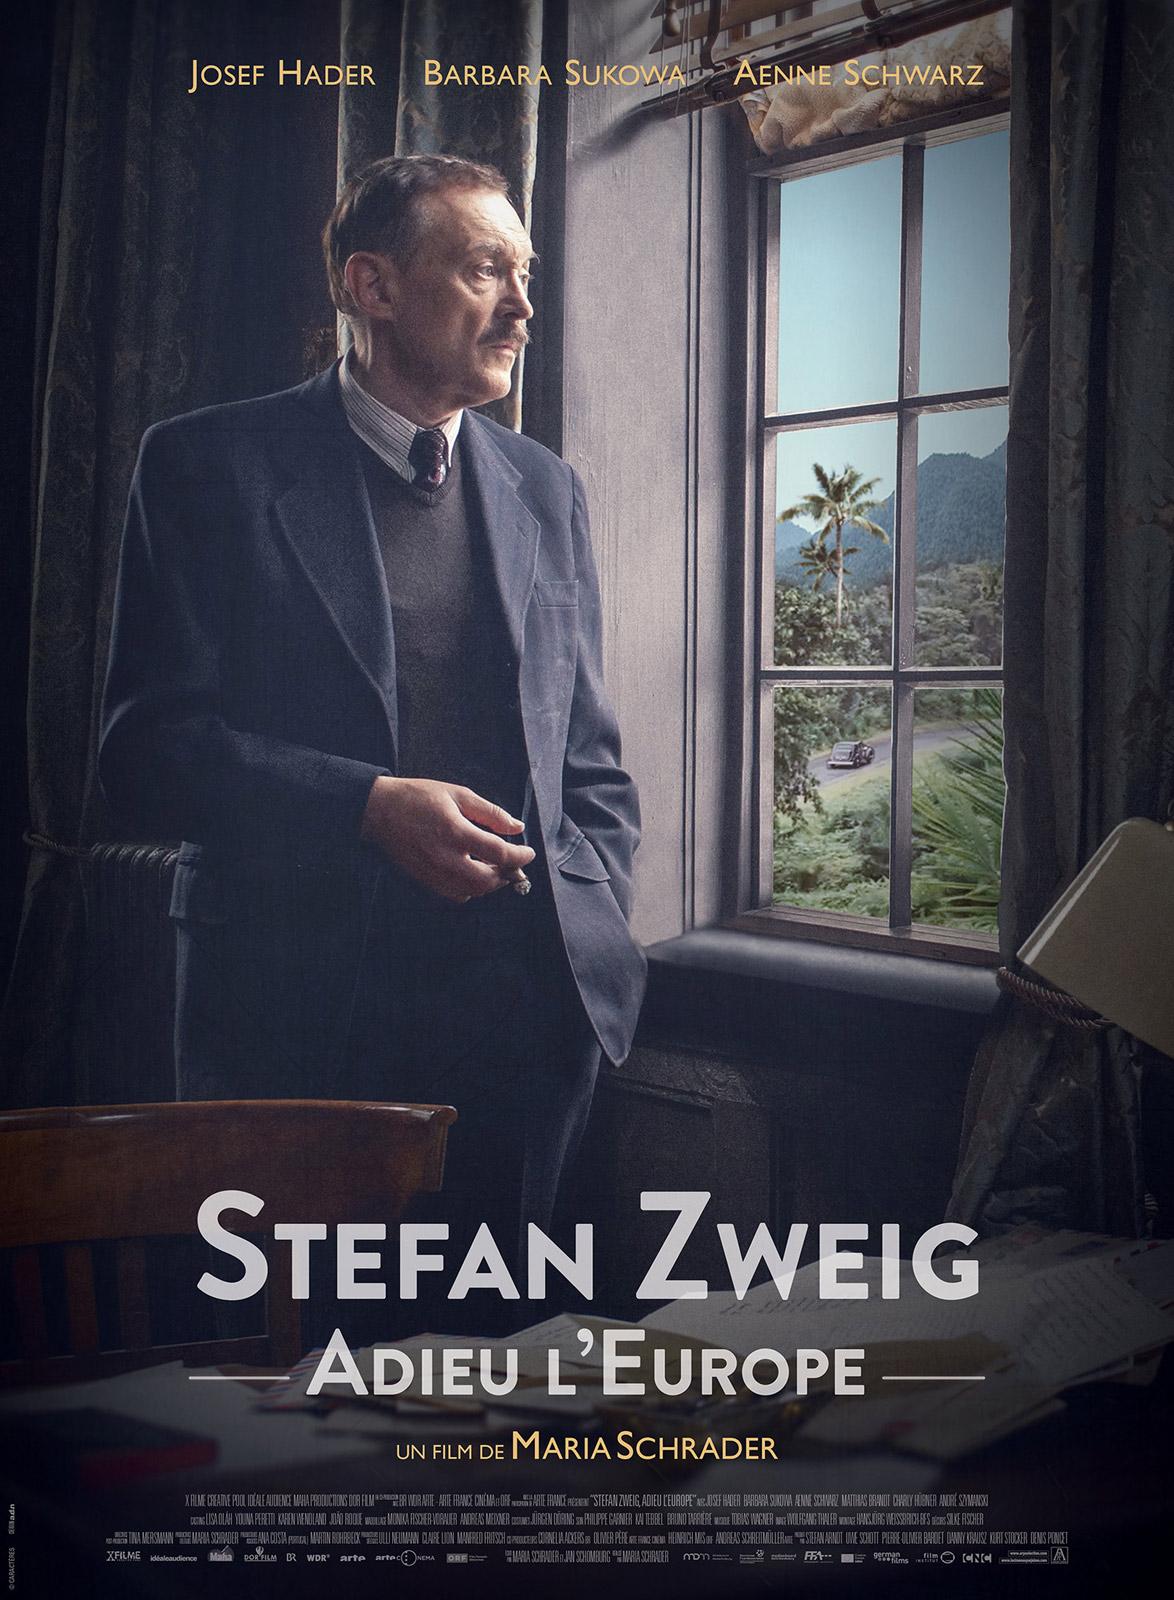 Télécharger Stefan Zweig, adieu l'Europe DVDRIP Gratuit Uploaded